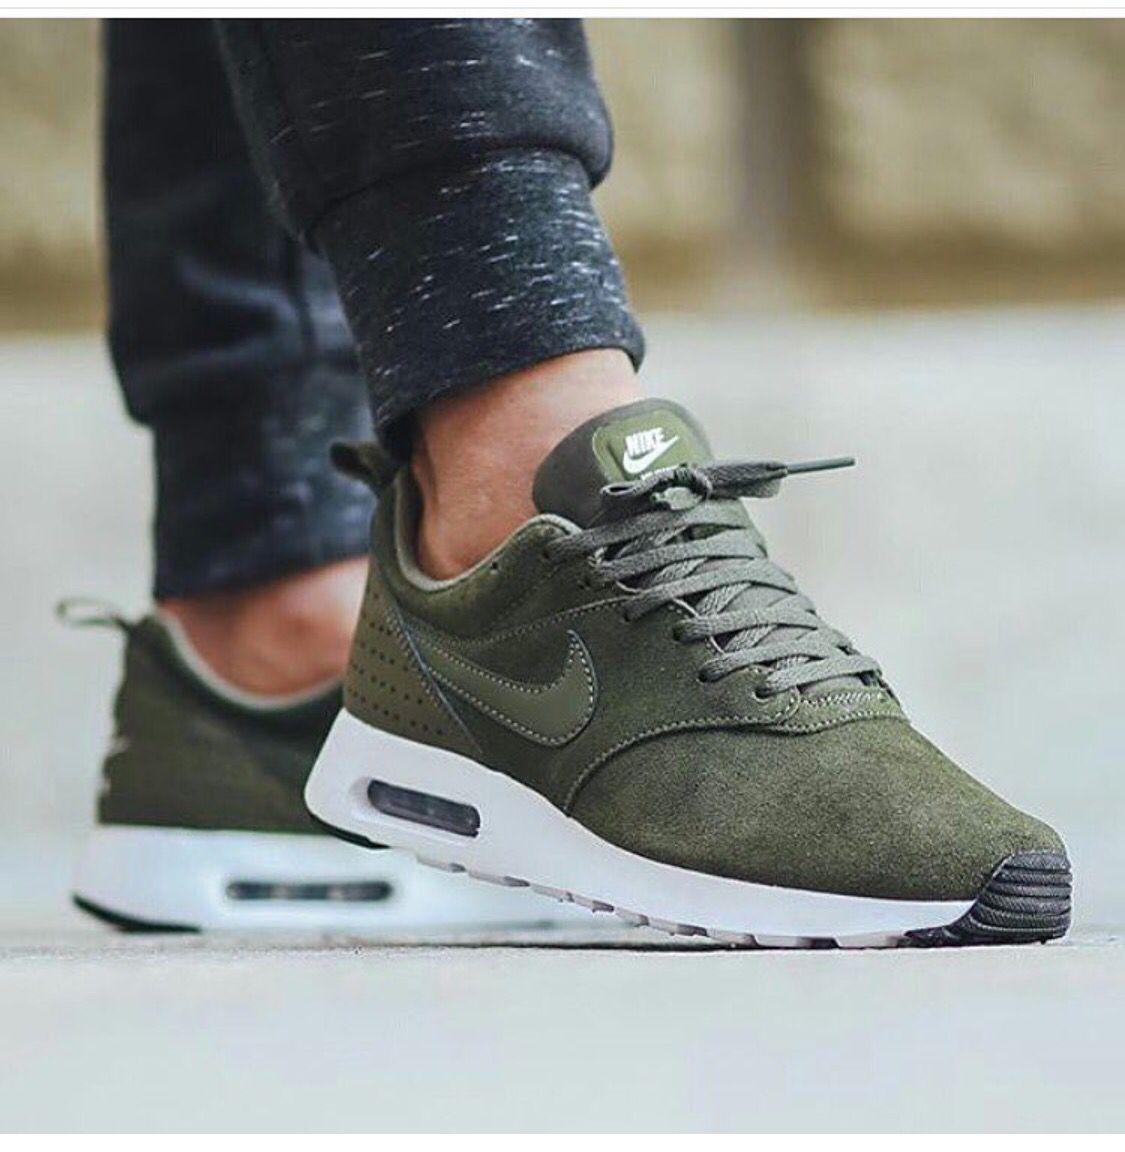 oro El aparato tarjeta  Suede nike green trainers | Nike free shoes, Adidas shoes women, Nike shoes  women